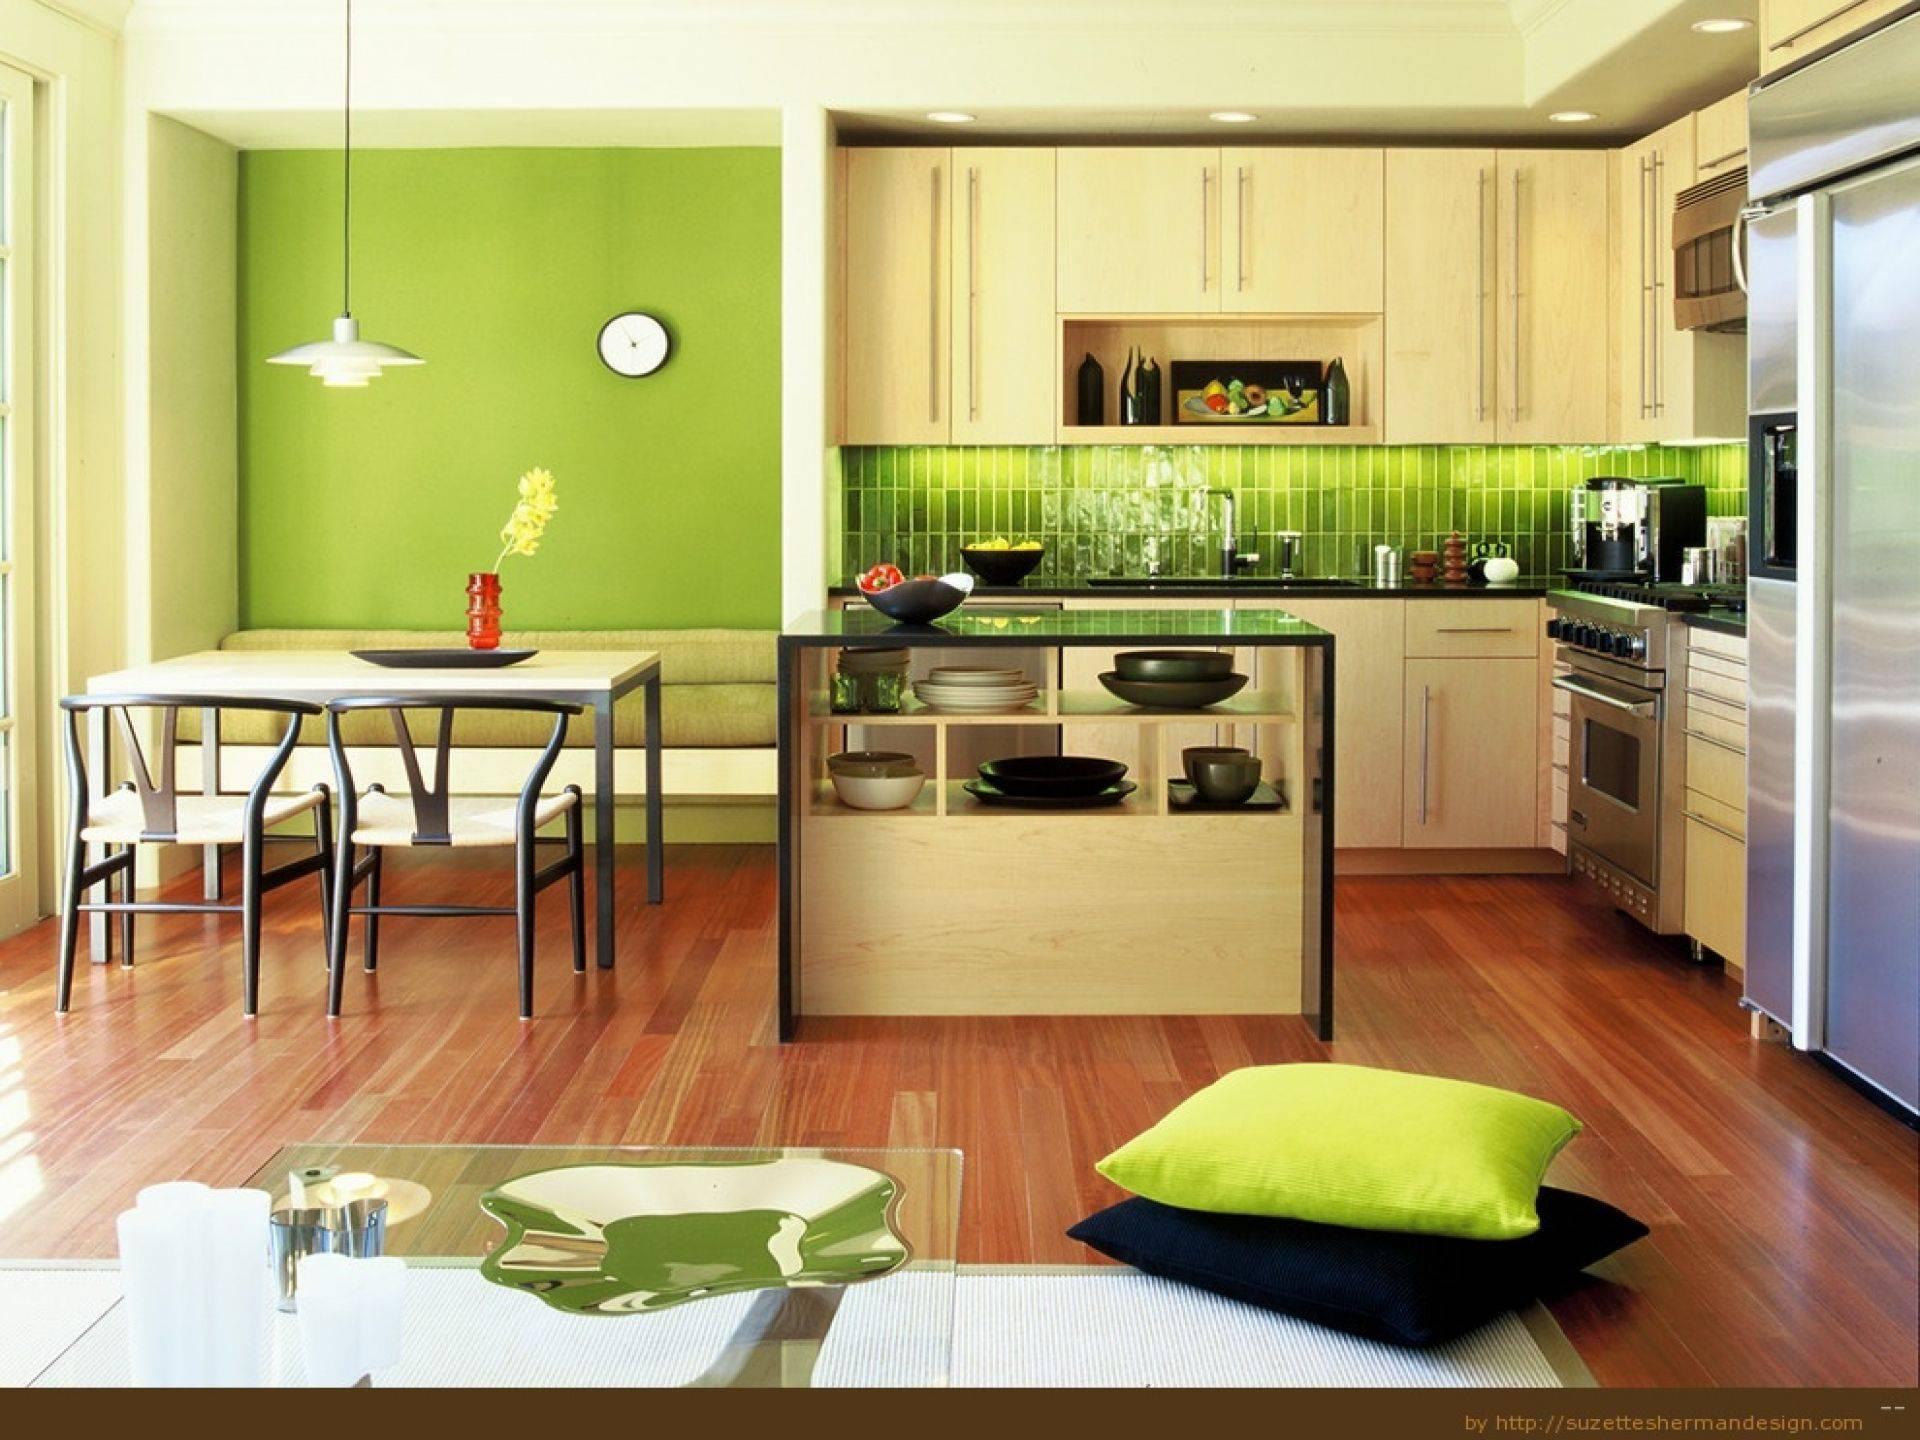 Цветовые решения для маленькой кухни (53 фото): светлые тона кухни в интерьере. особенности черно-белых и зеленых, серых, фиолетовых и других цветов в оформлении кухонь